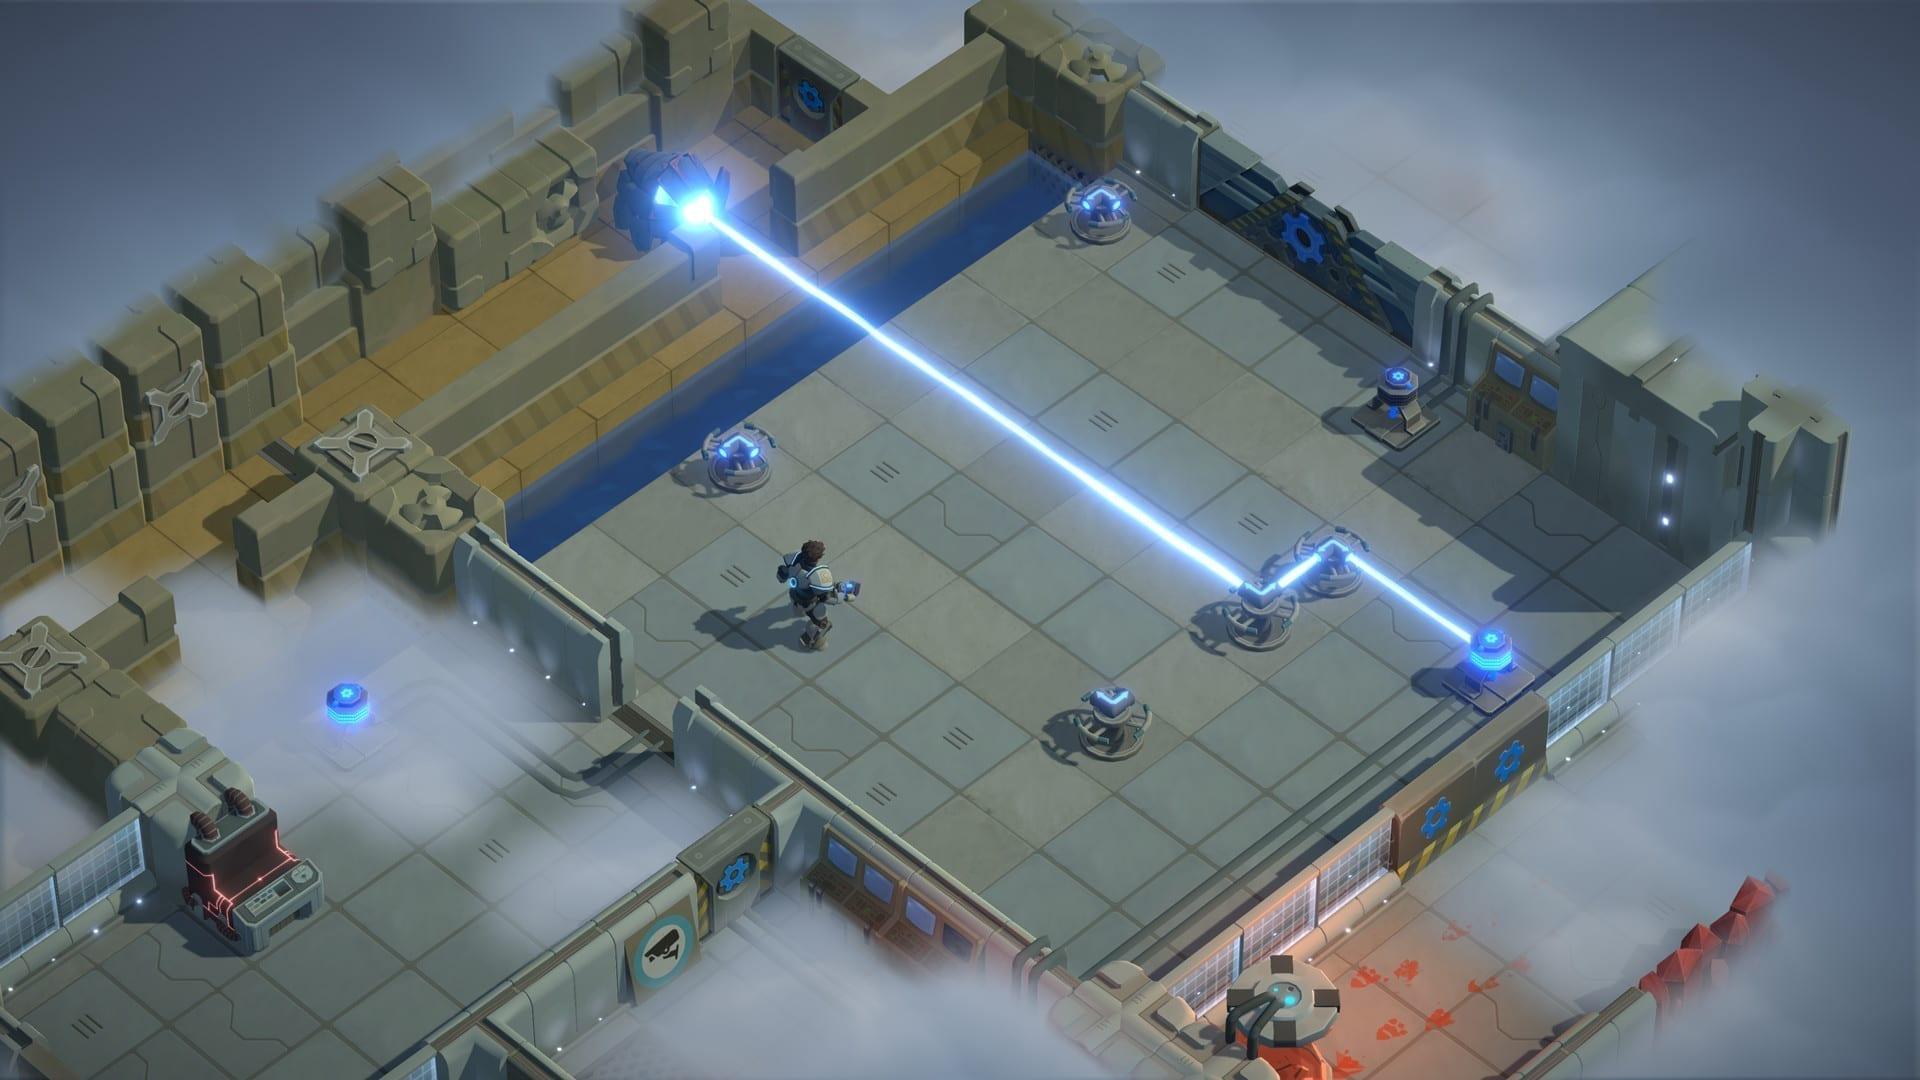 Spaceland - это последнее творение команды Tortuga, создателя Braveland